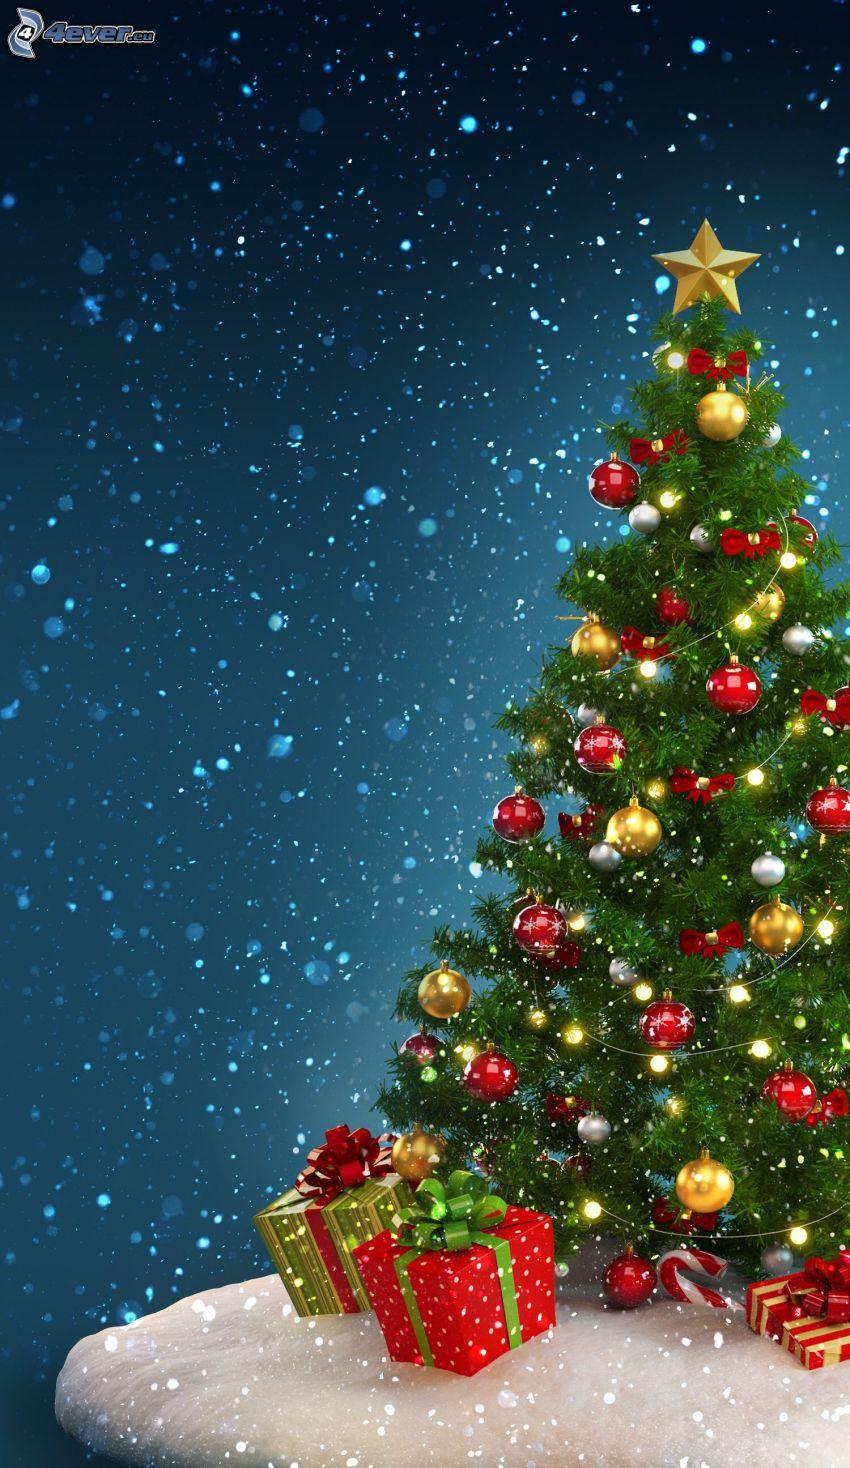 albero di Natale, palle di Natale, regali, nevicata, cartone animato